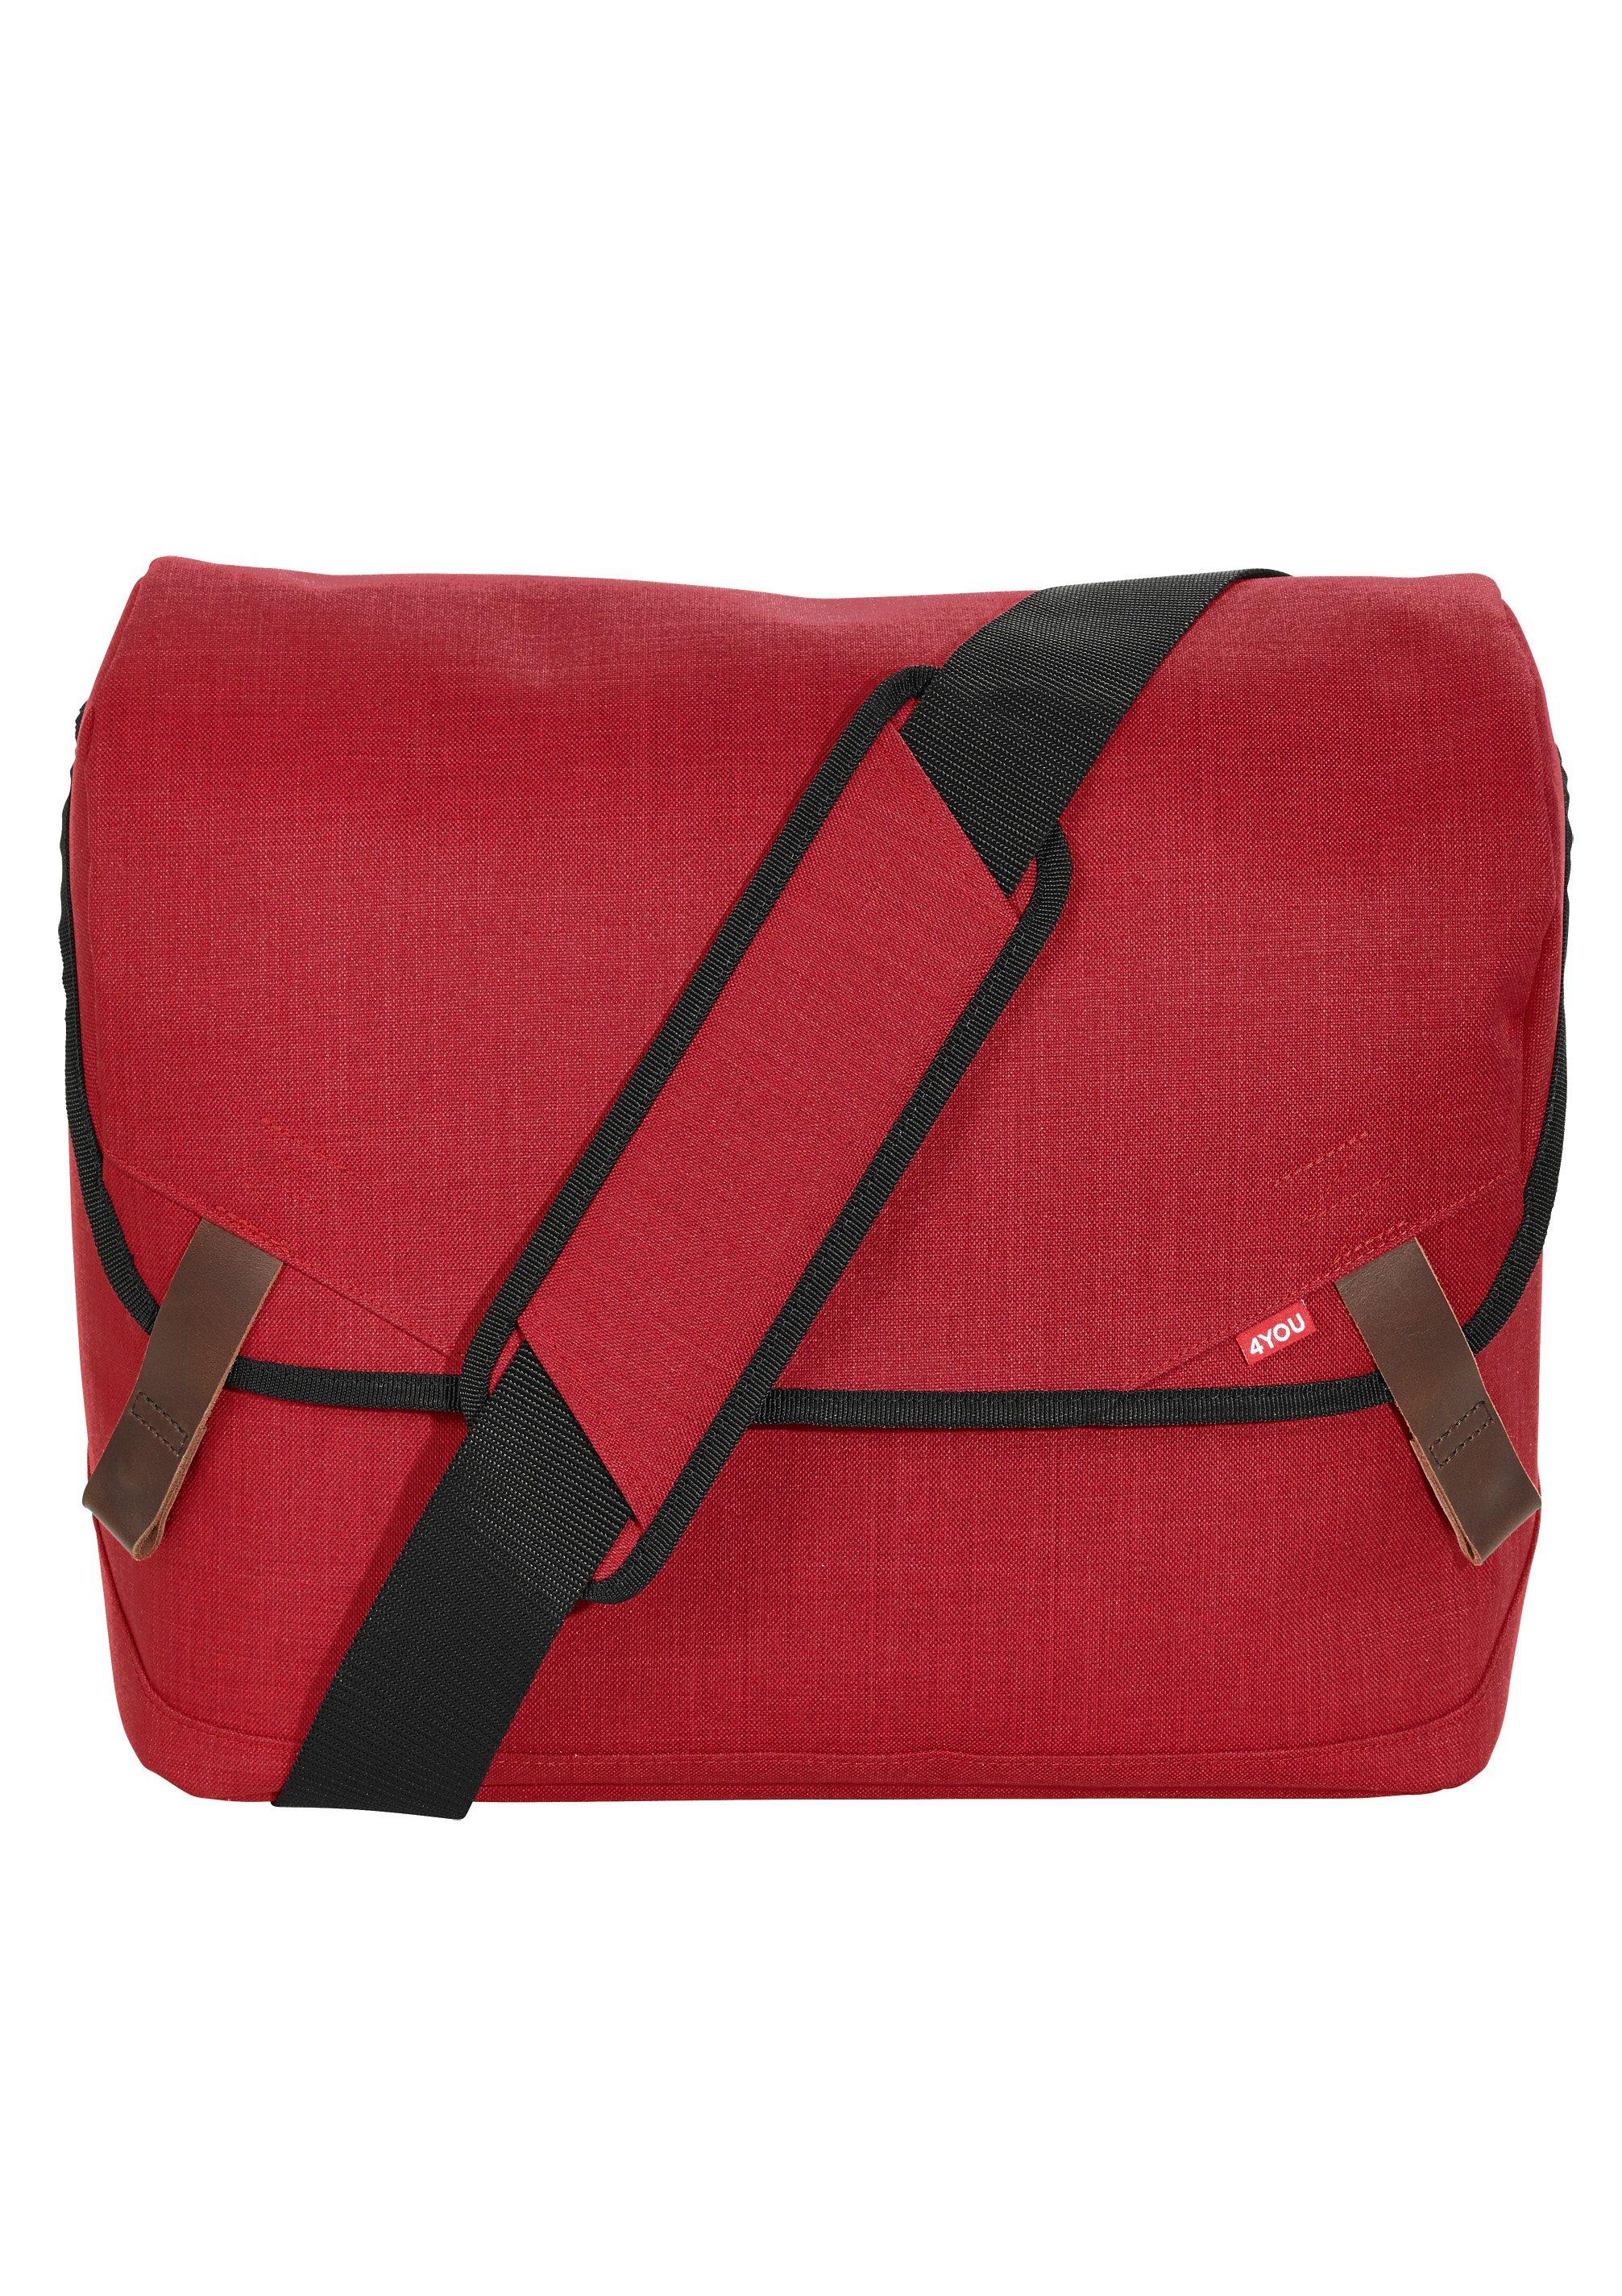 4YOU Umhängetasche mit Laptopfach, Soft Red, »Messengerbag«